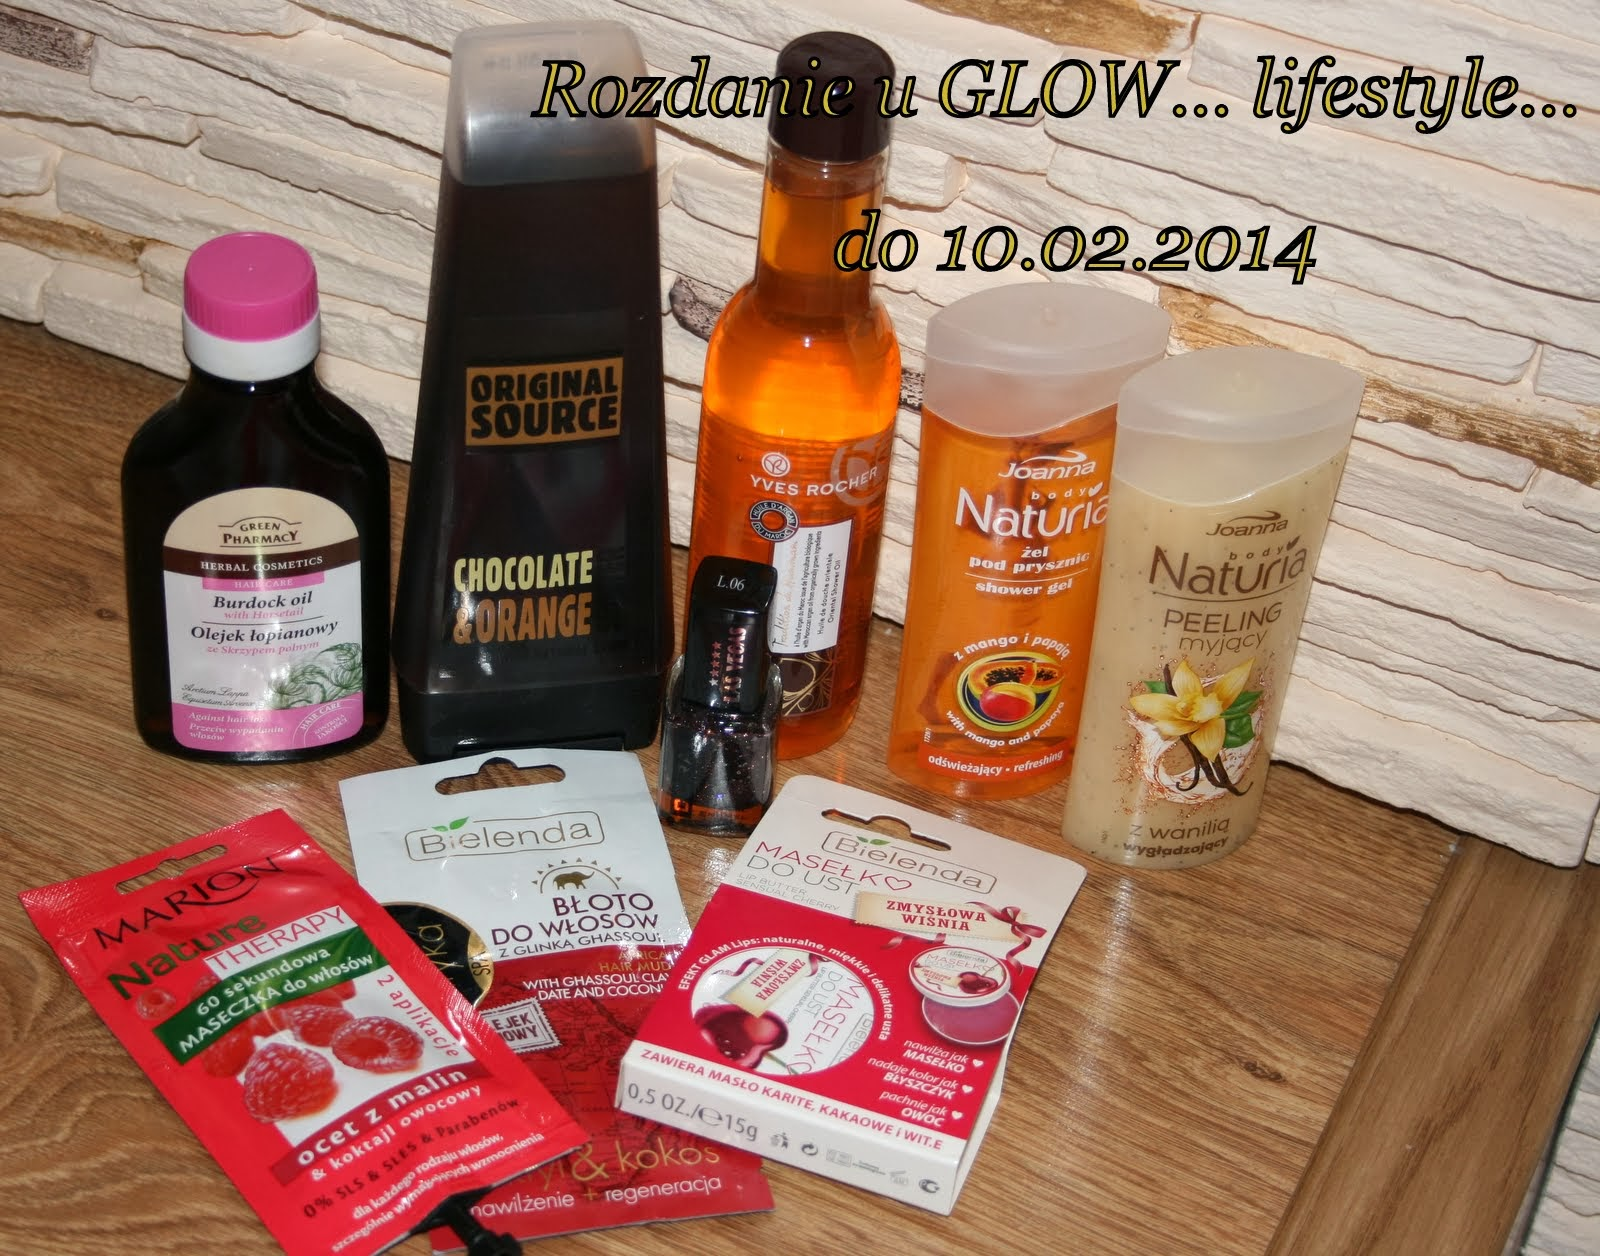 http://glowlifestyle.blogspot.com/2014/01/pierwsze-blogowe-rozdanie-zapraszam.html